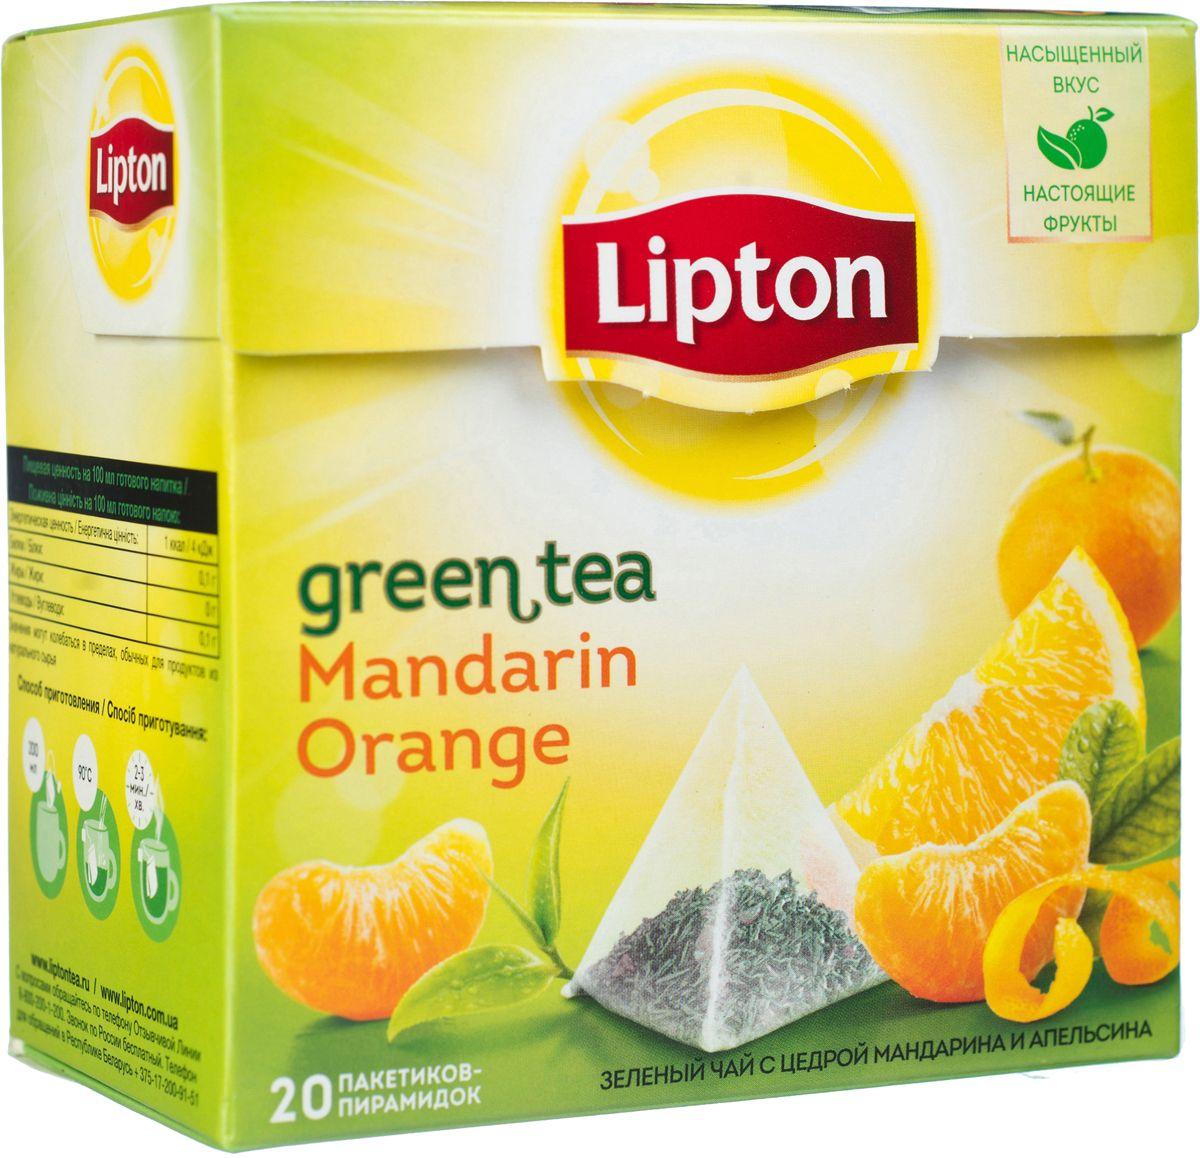 Lipton Зеленый чай Mandarin Orange20 шт0120710Тщательно отобранные и бережно высушенные листочки зеленого чая рождают нежный, легкий вкус, в котором почти не осталось места для горечи. Вместе с сочной и ароматной цедрой мандарина и апельсина они образуют восхитительный союз, все грани которого полностью раскрываются благодаря свободному пространству в пакетике-пирамидке. Узнайте рецепт гармонии с Lipton Mandarin Oranqe Green Tea!